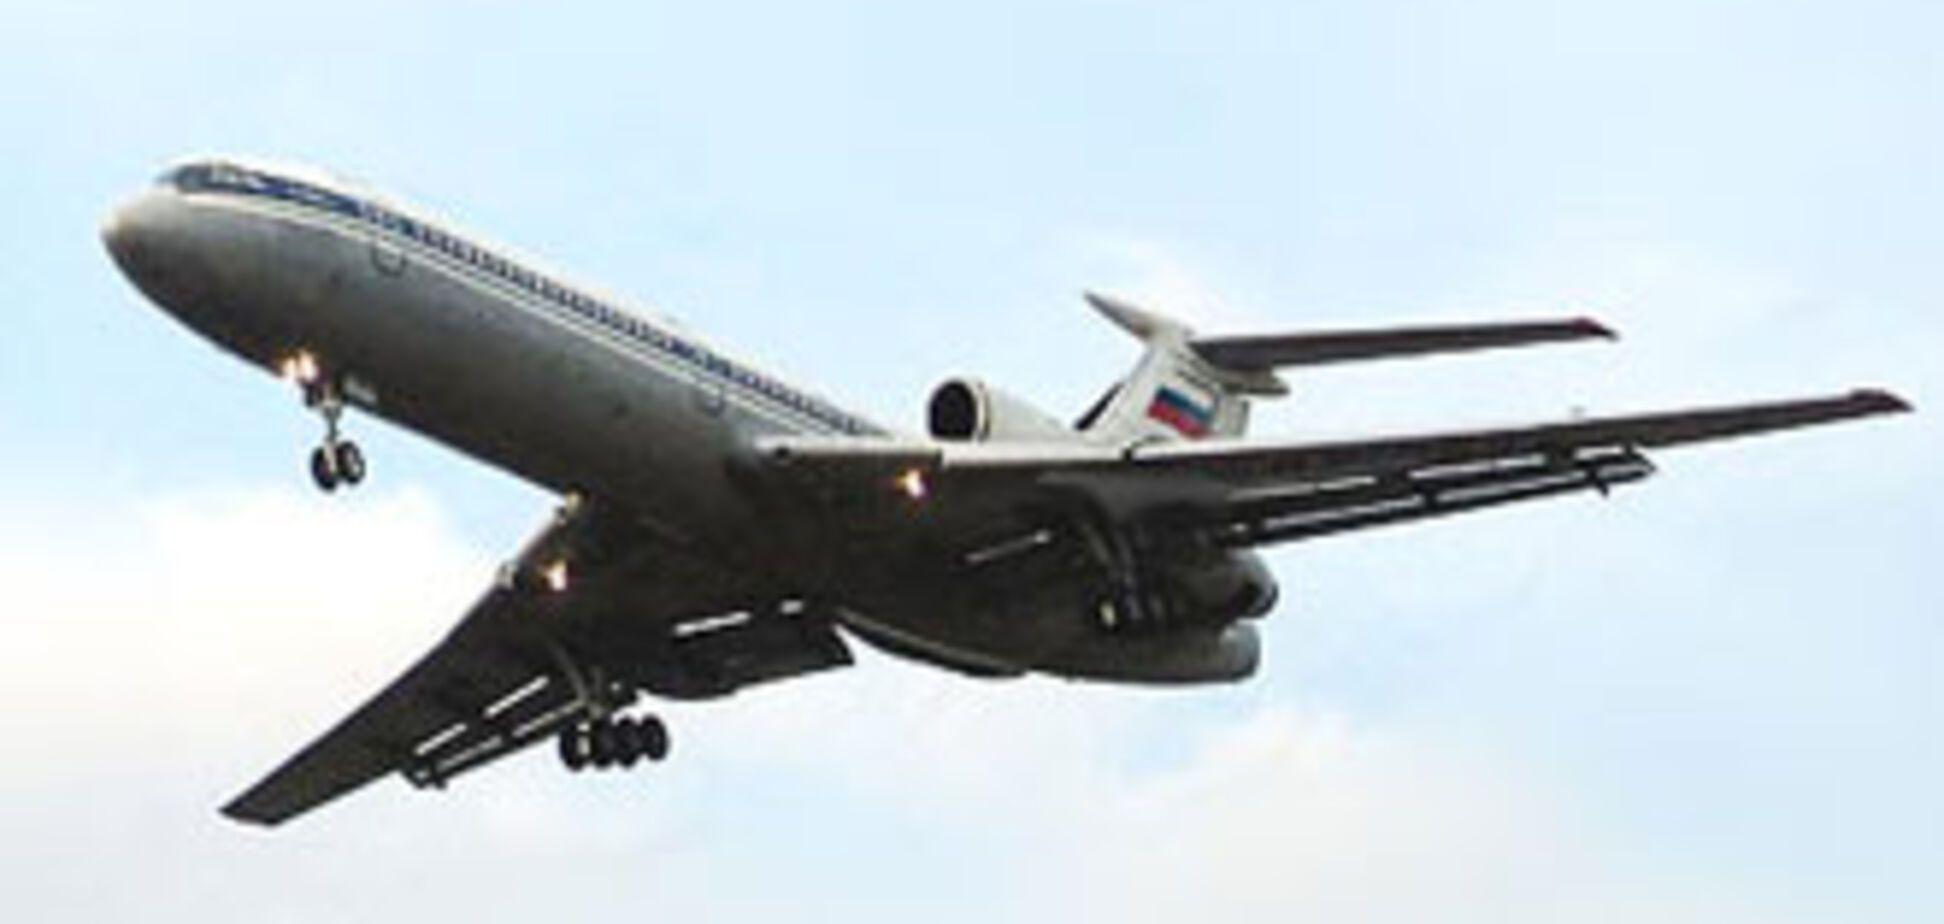 Жартівник з Росії затримав виліт літака, сказавши: 'бомба'